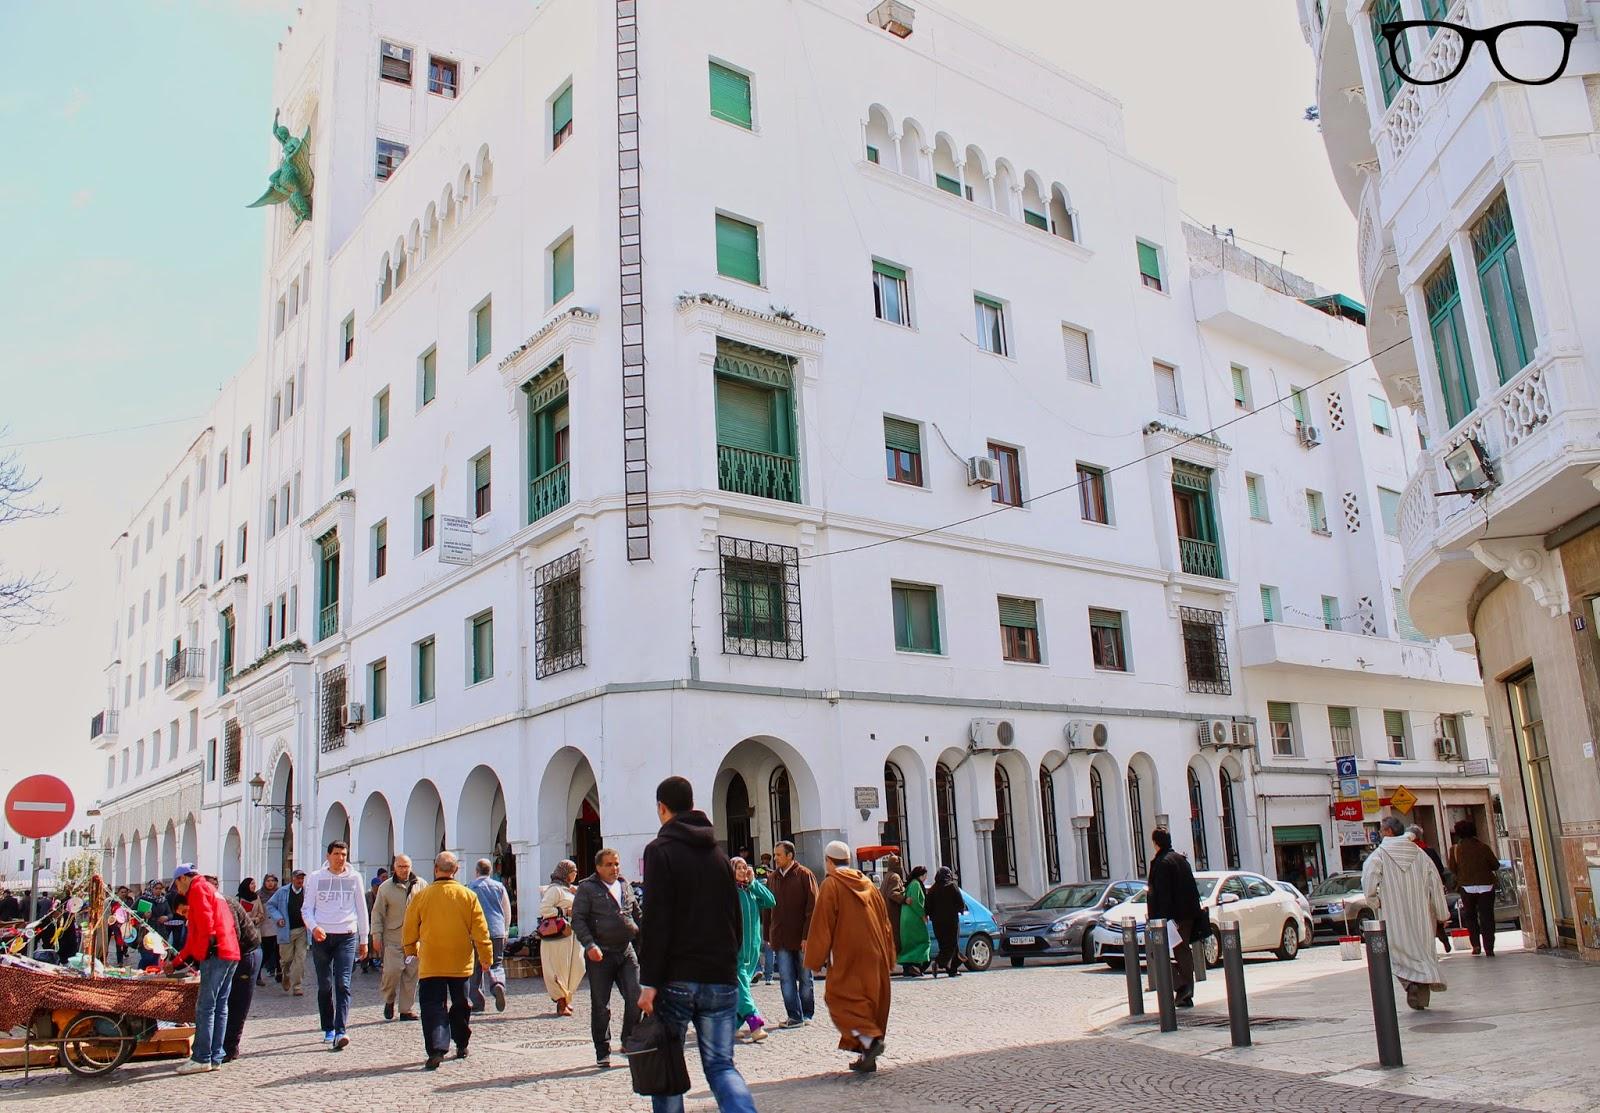 Cruce con edificio blanco